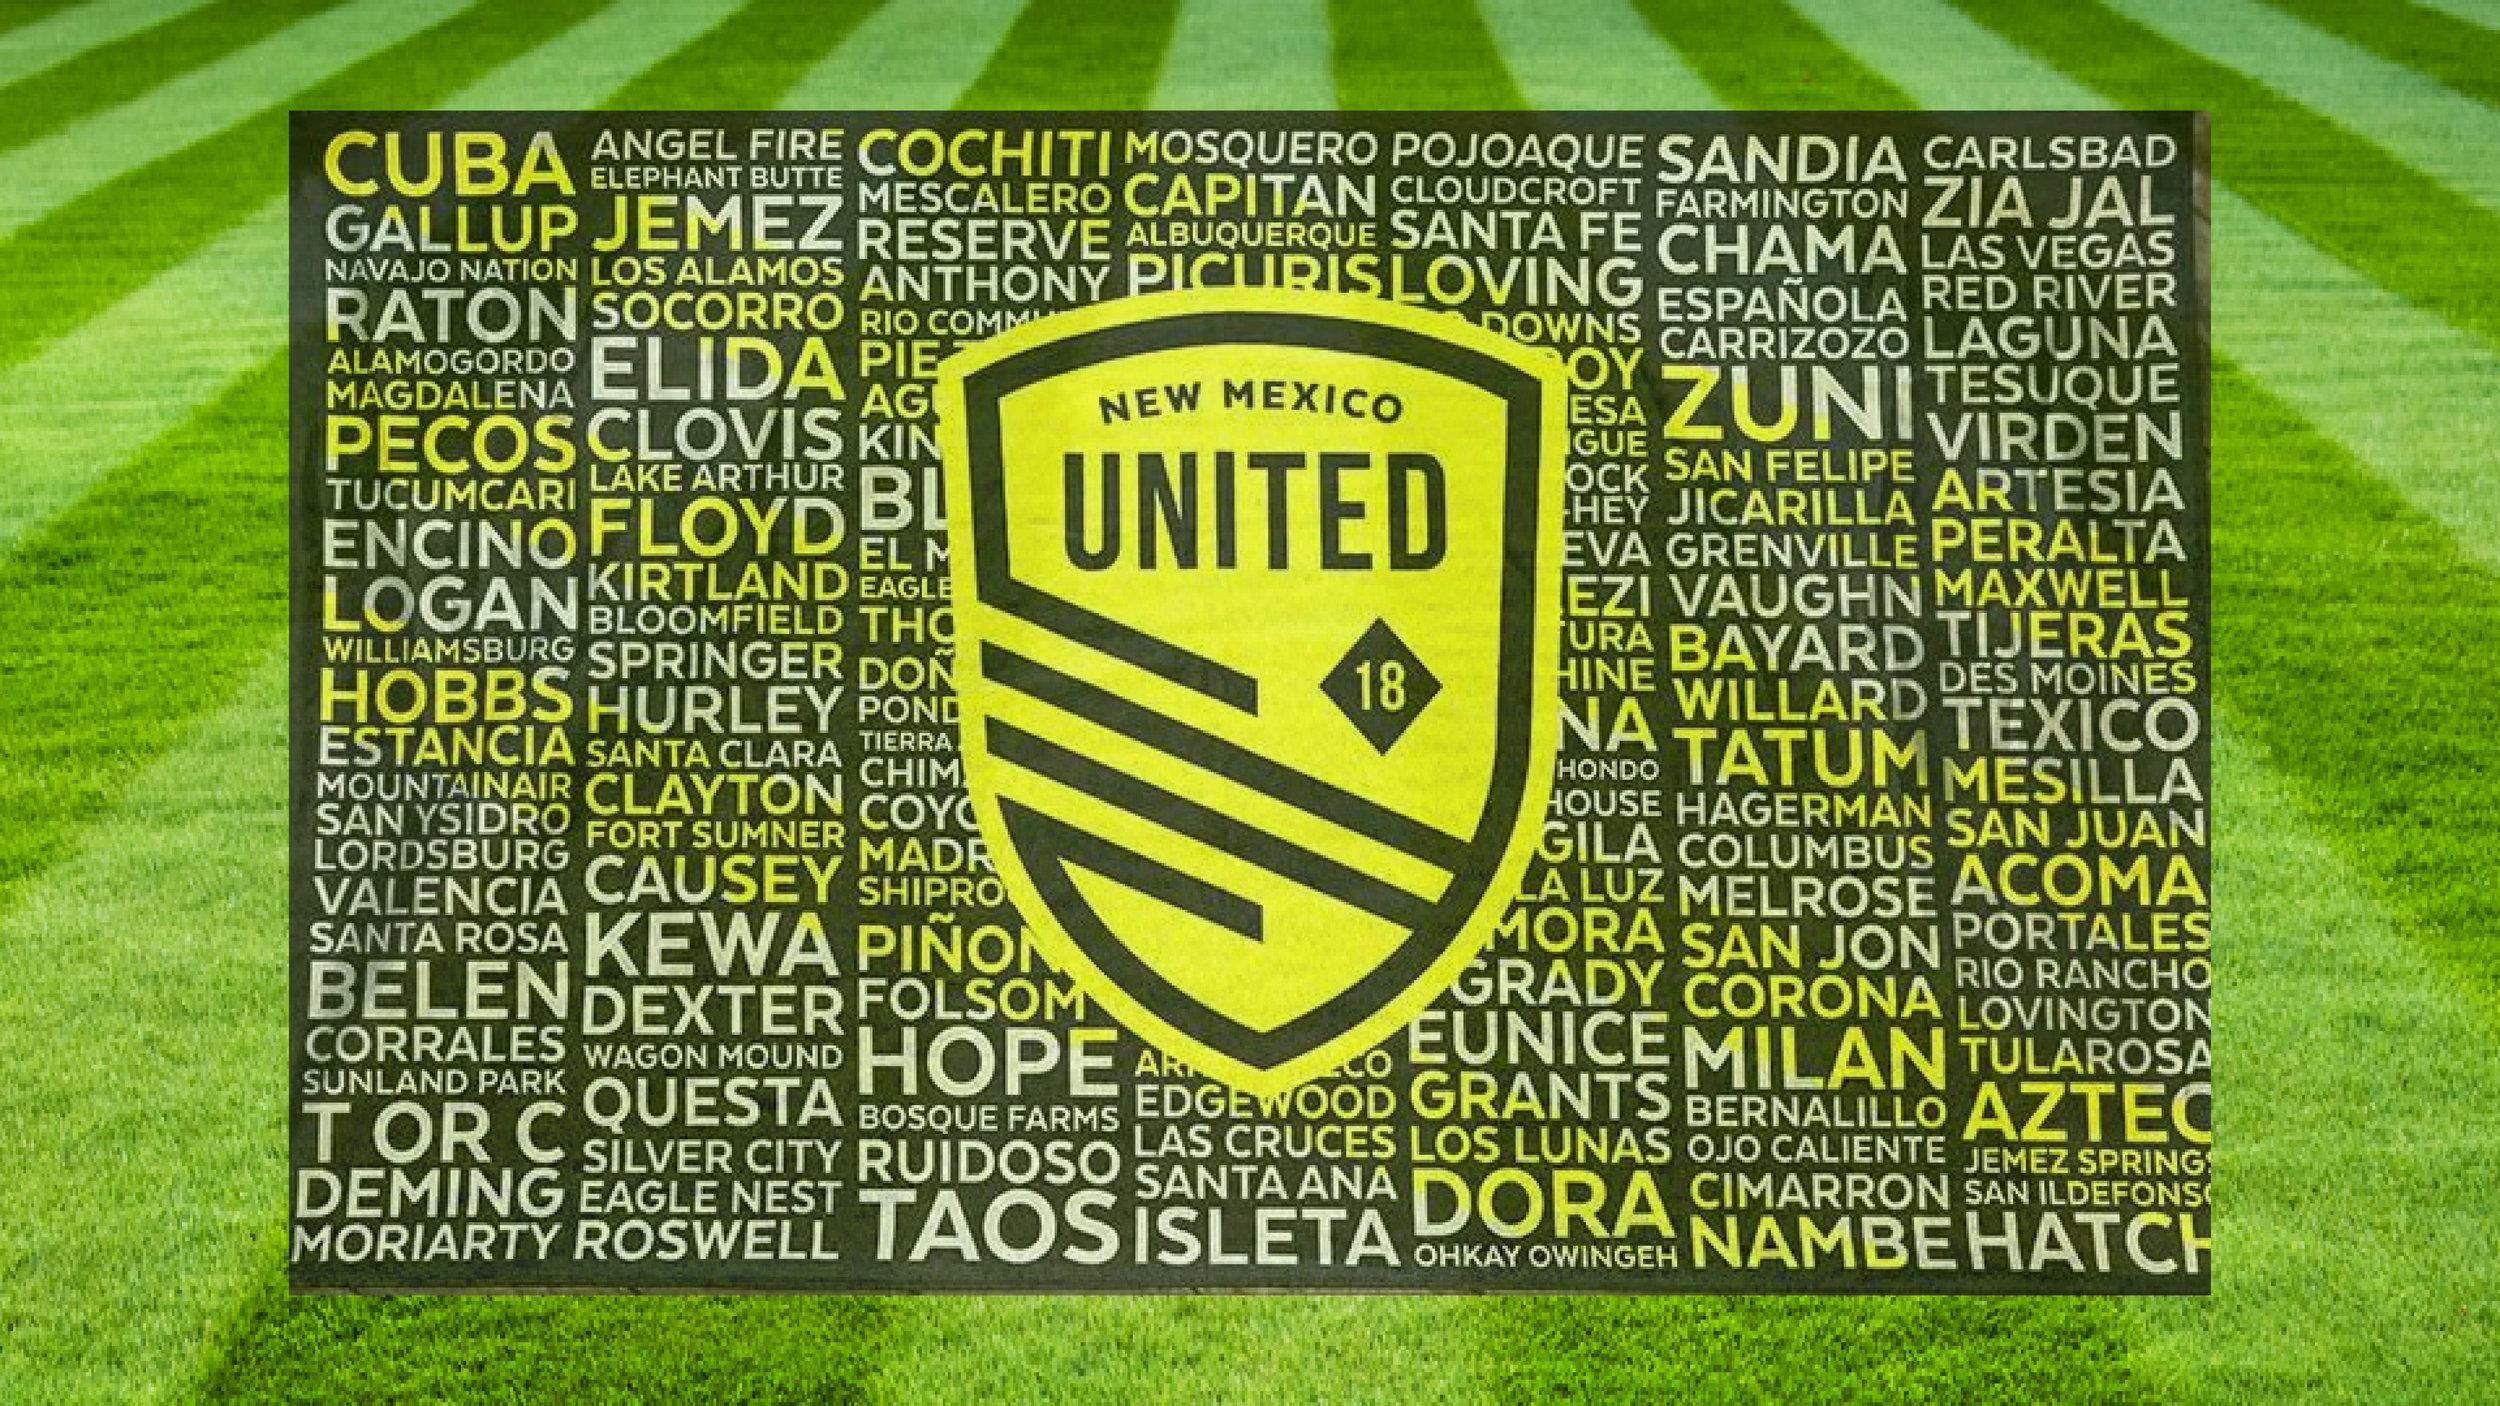 NM United